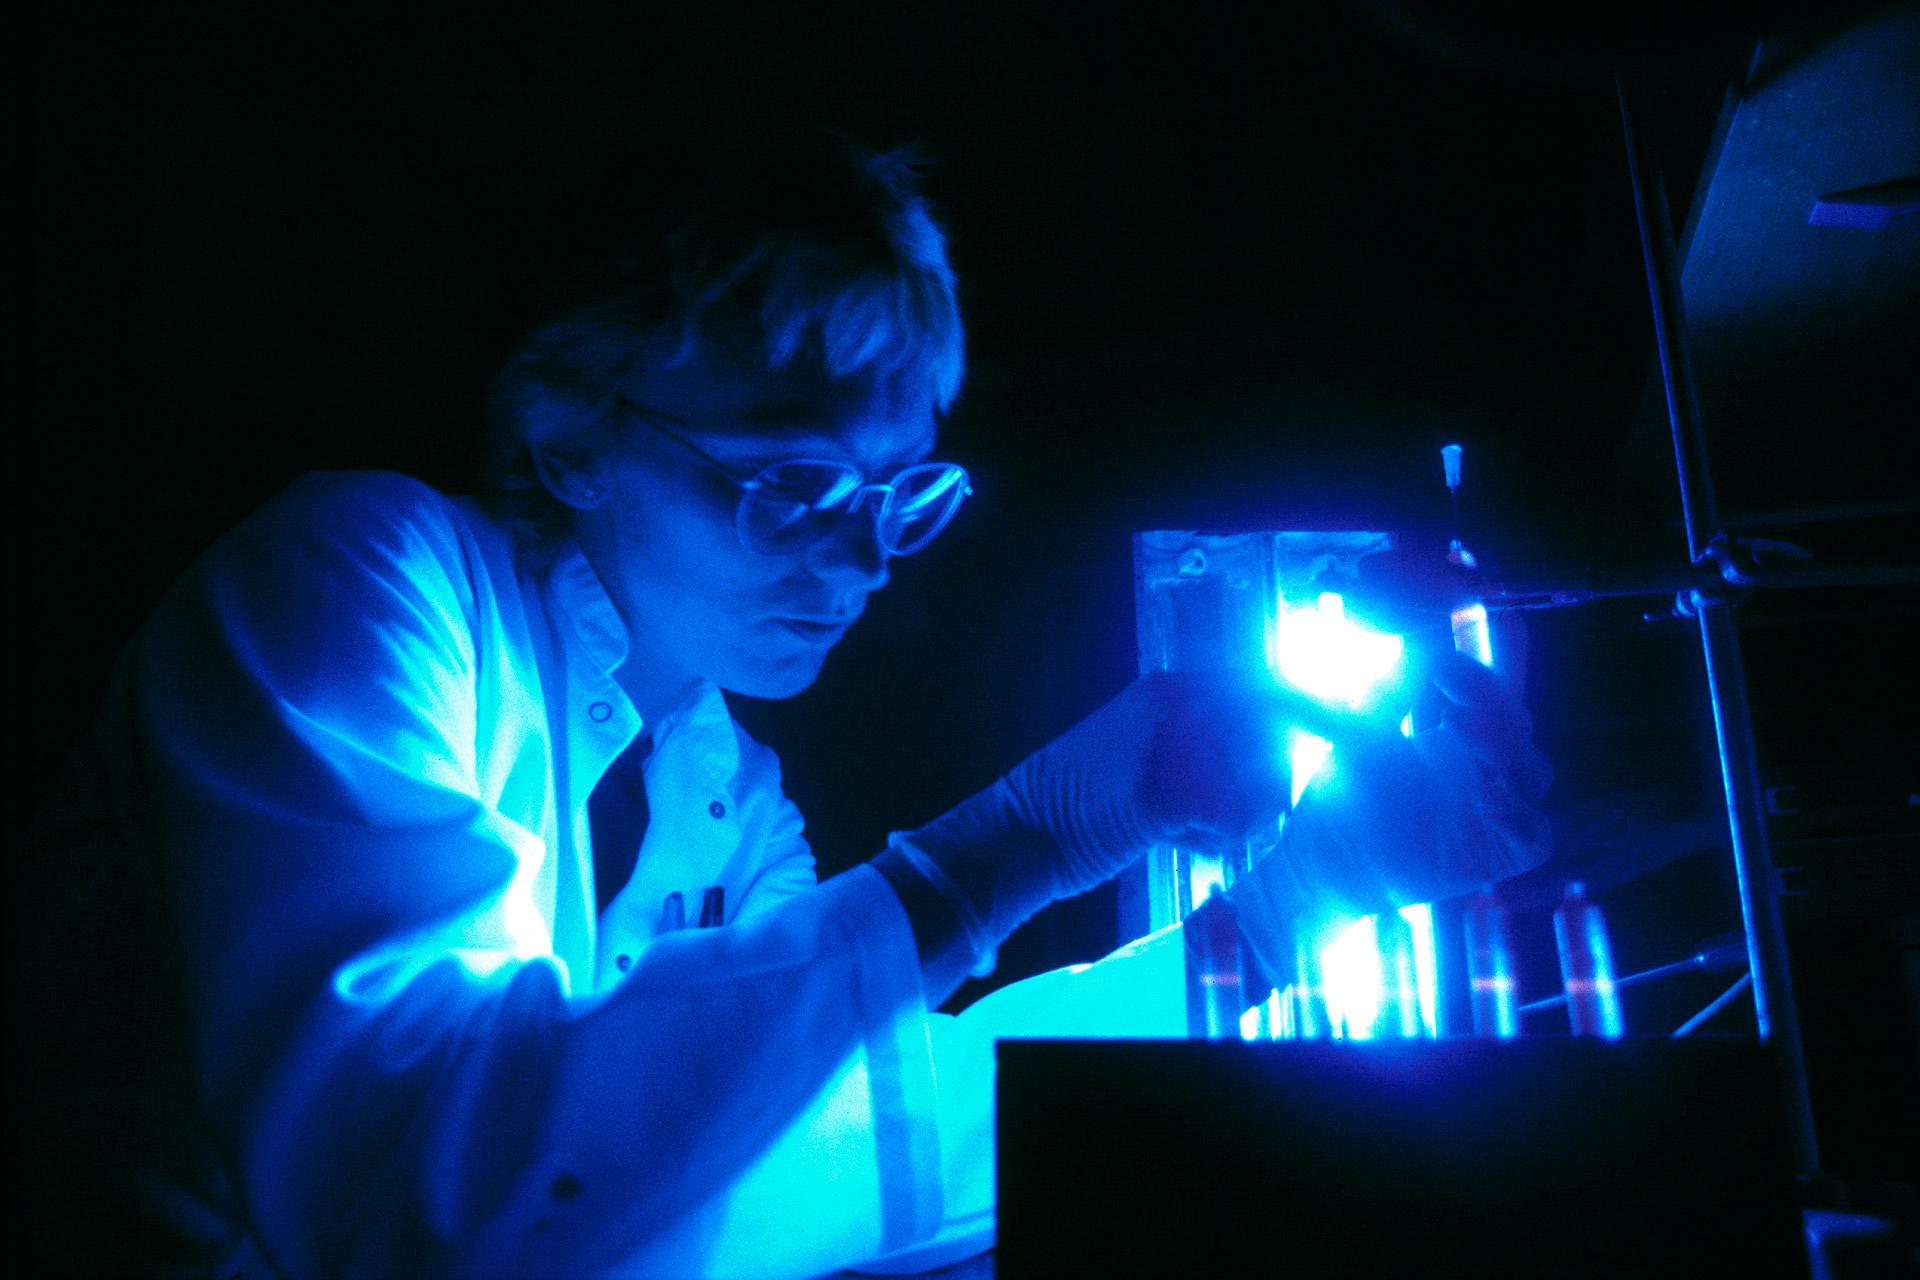 scientist in a laboratory at Novo Nordisk works under ultraviolet light